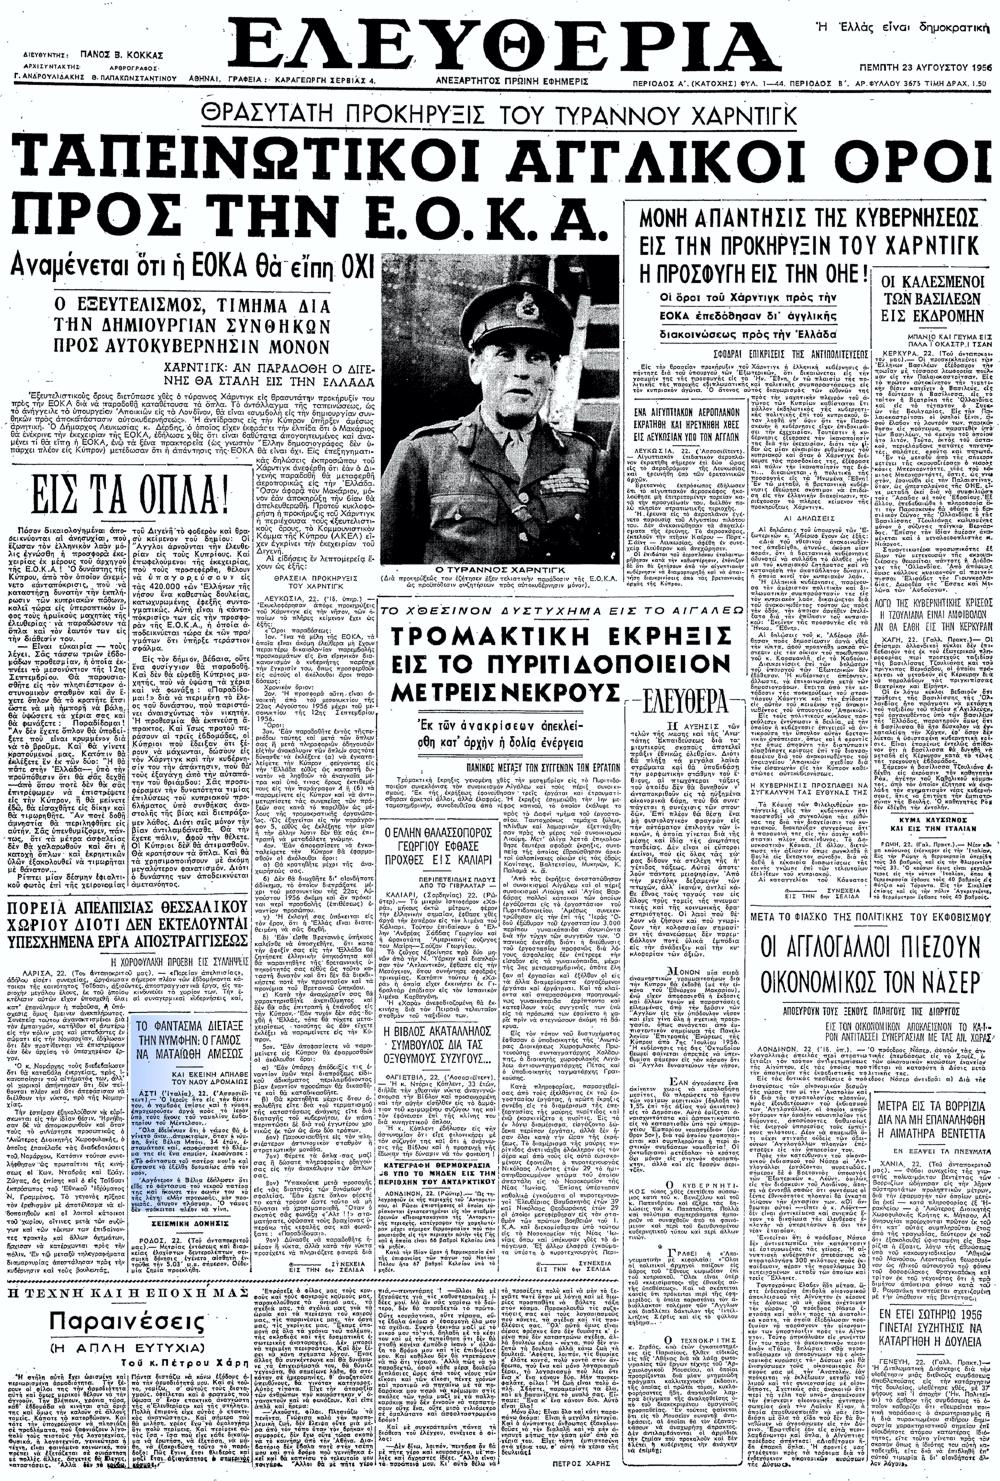 """Το άρθρο, όπως δημοσιεύθηκε στην εφημερίδα """"ΕΛΕΥΘΕΡΙΑ"""", στις 23/08/1956"""